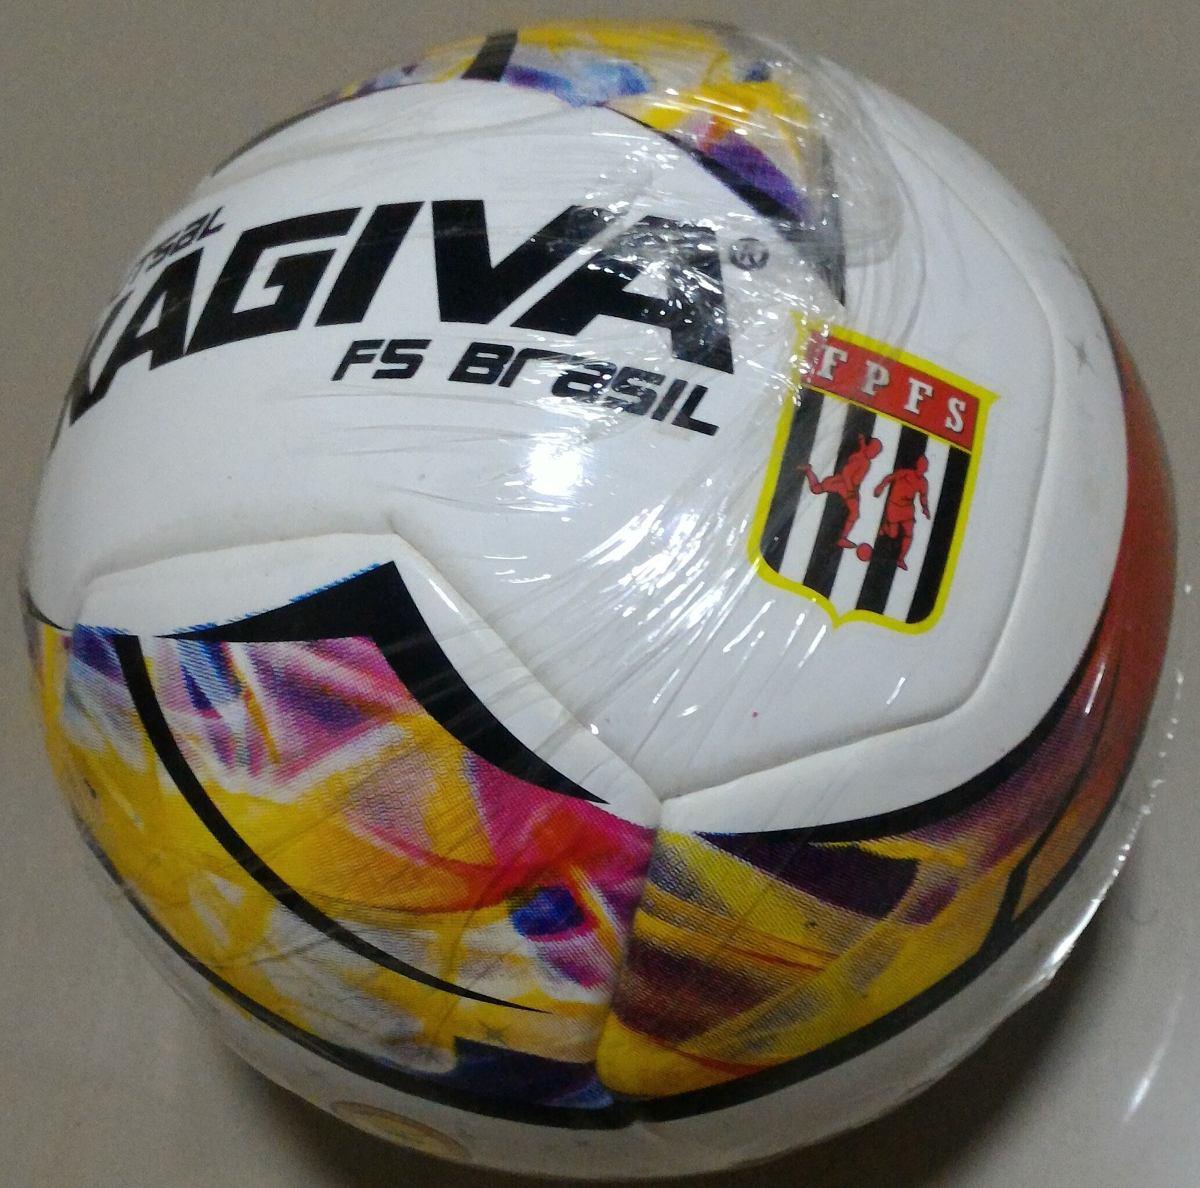 bola futsal kagiva f5 pro brasil c  logo liga paulista. Carregando zoom. ab46568d59703